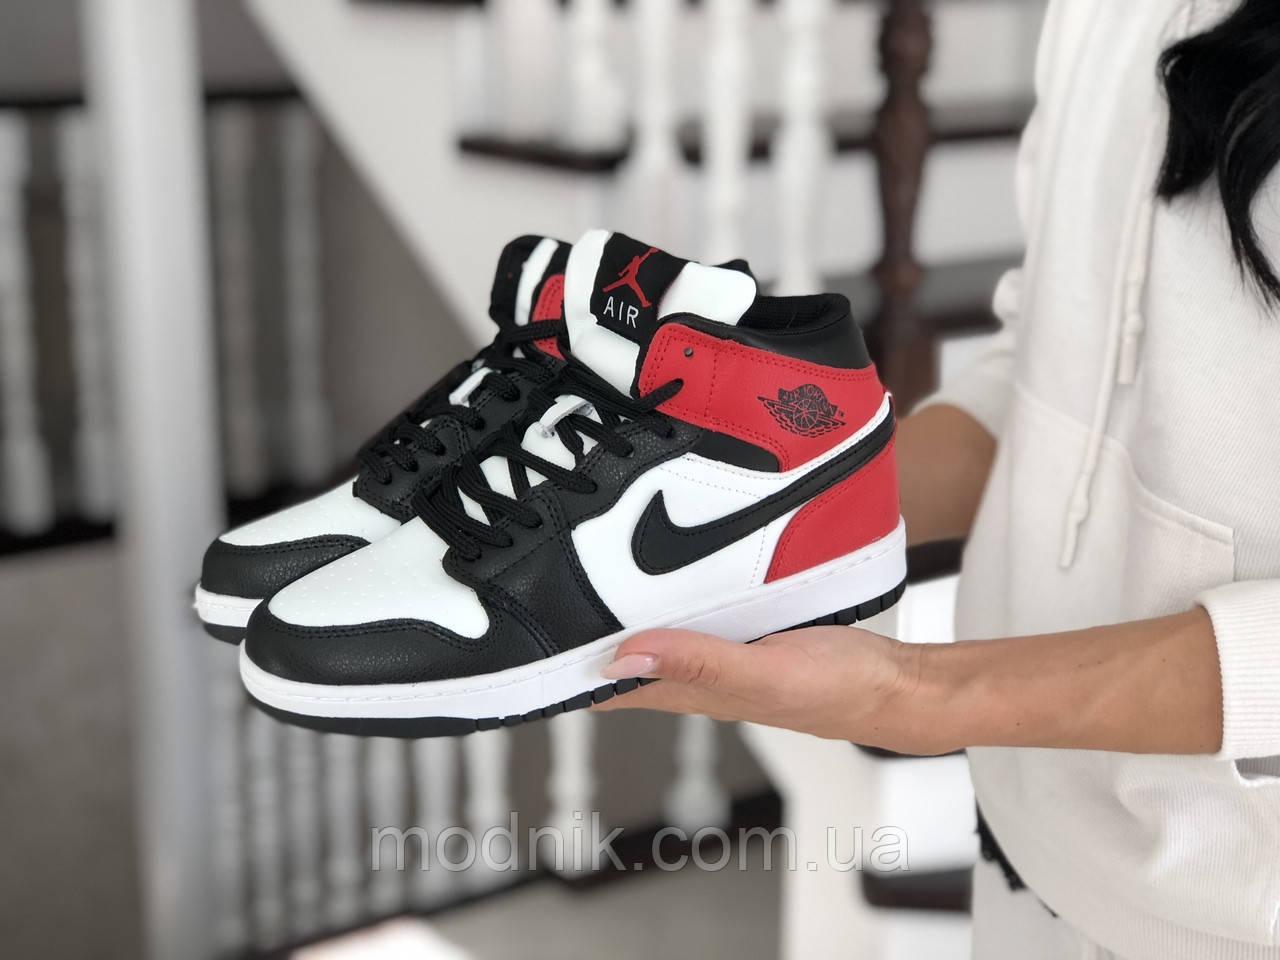 Женские зимние кроссовки Nike Air Jordan 1 Retro (бело-черные с красным)